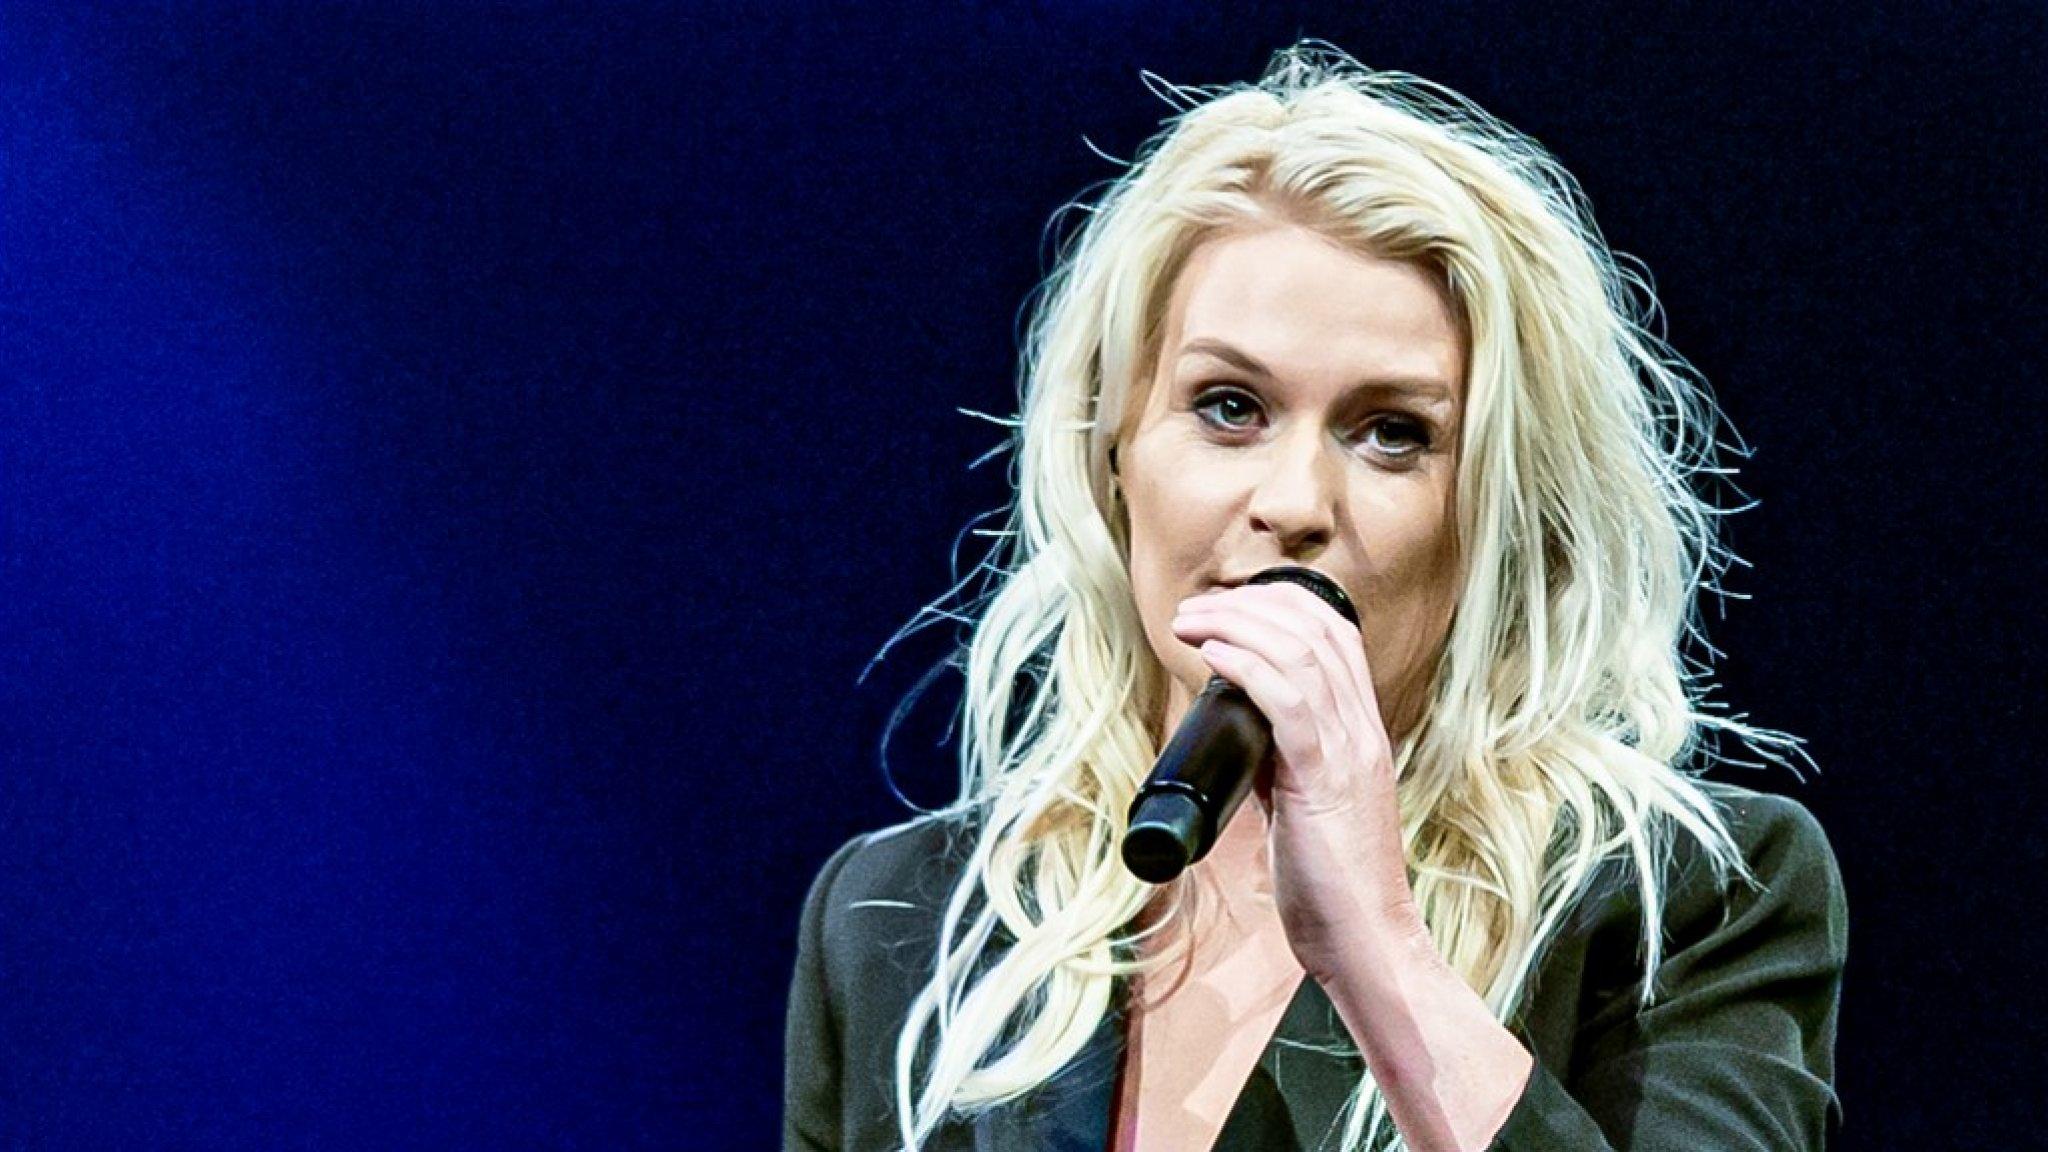 Sanne Hans stapt over op Nederlandstalig: 'Het is alles wie ik ben' - RTL Boulevard